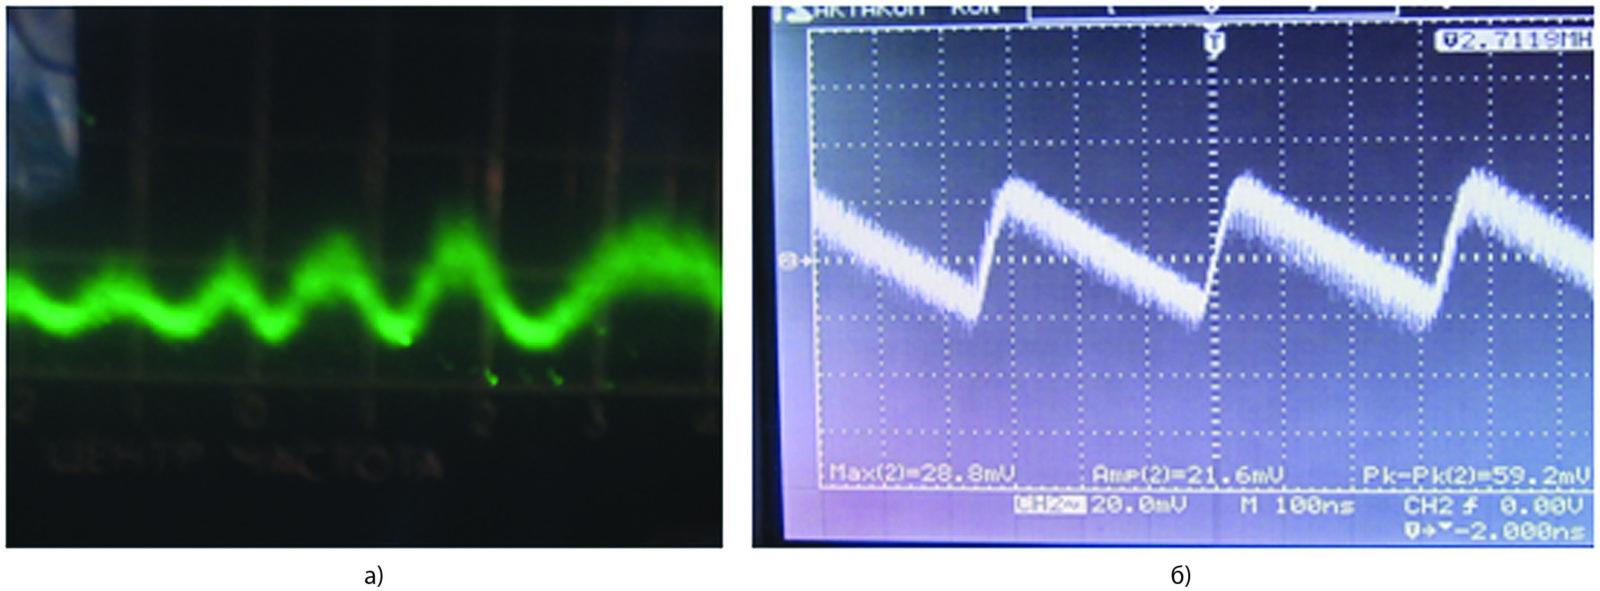 Характеристики режима с непрерывным спектром ВЧ-генерации в ГЛПД при НЧ-воздействии при токе диода 38 мA